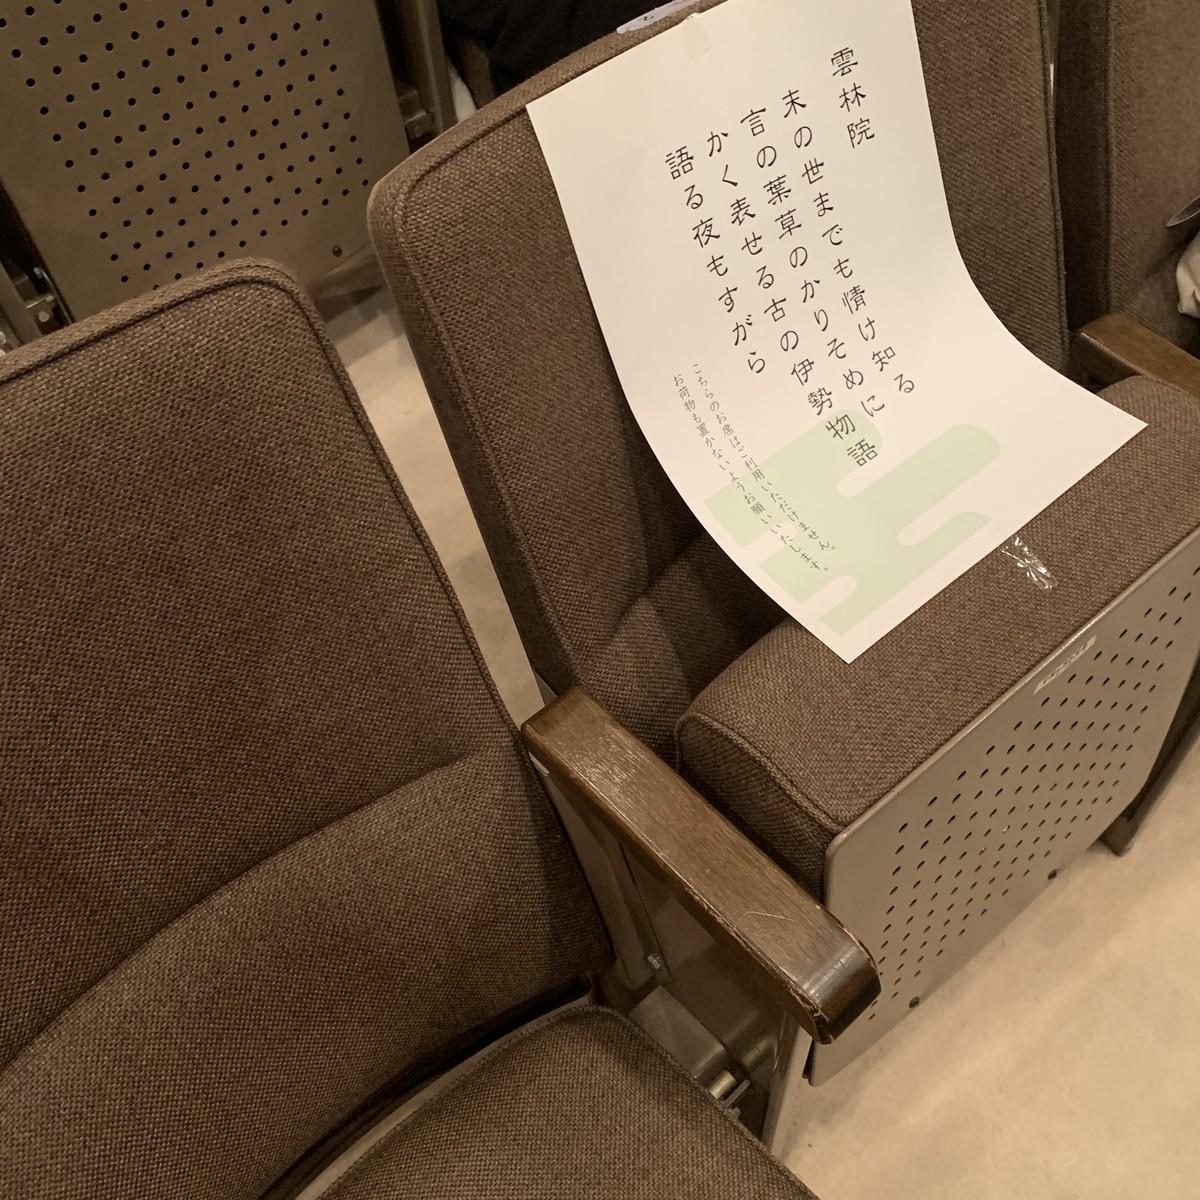 f:id:QianChong:20200725160117j:plain